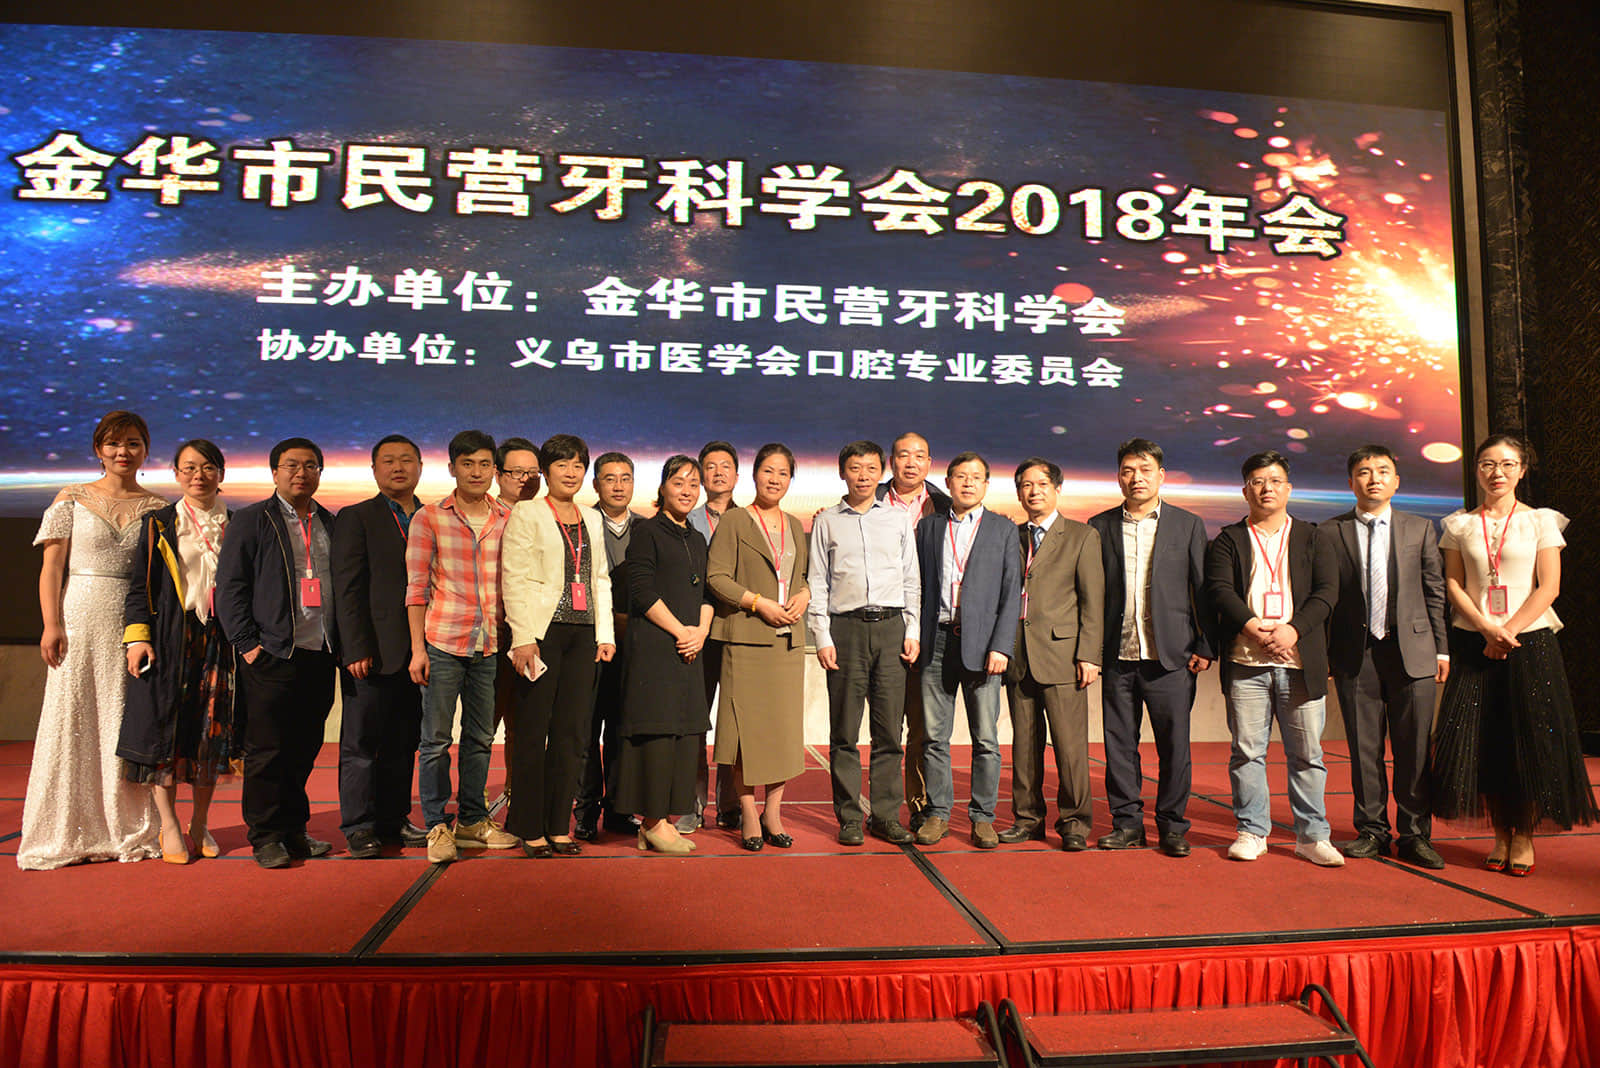 参加民营牙科学会2018年年会